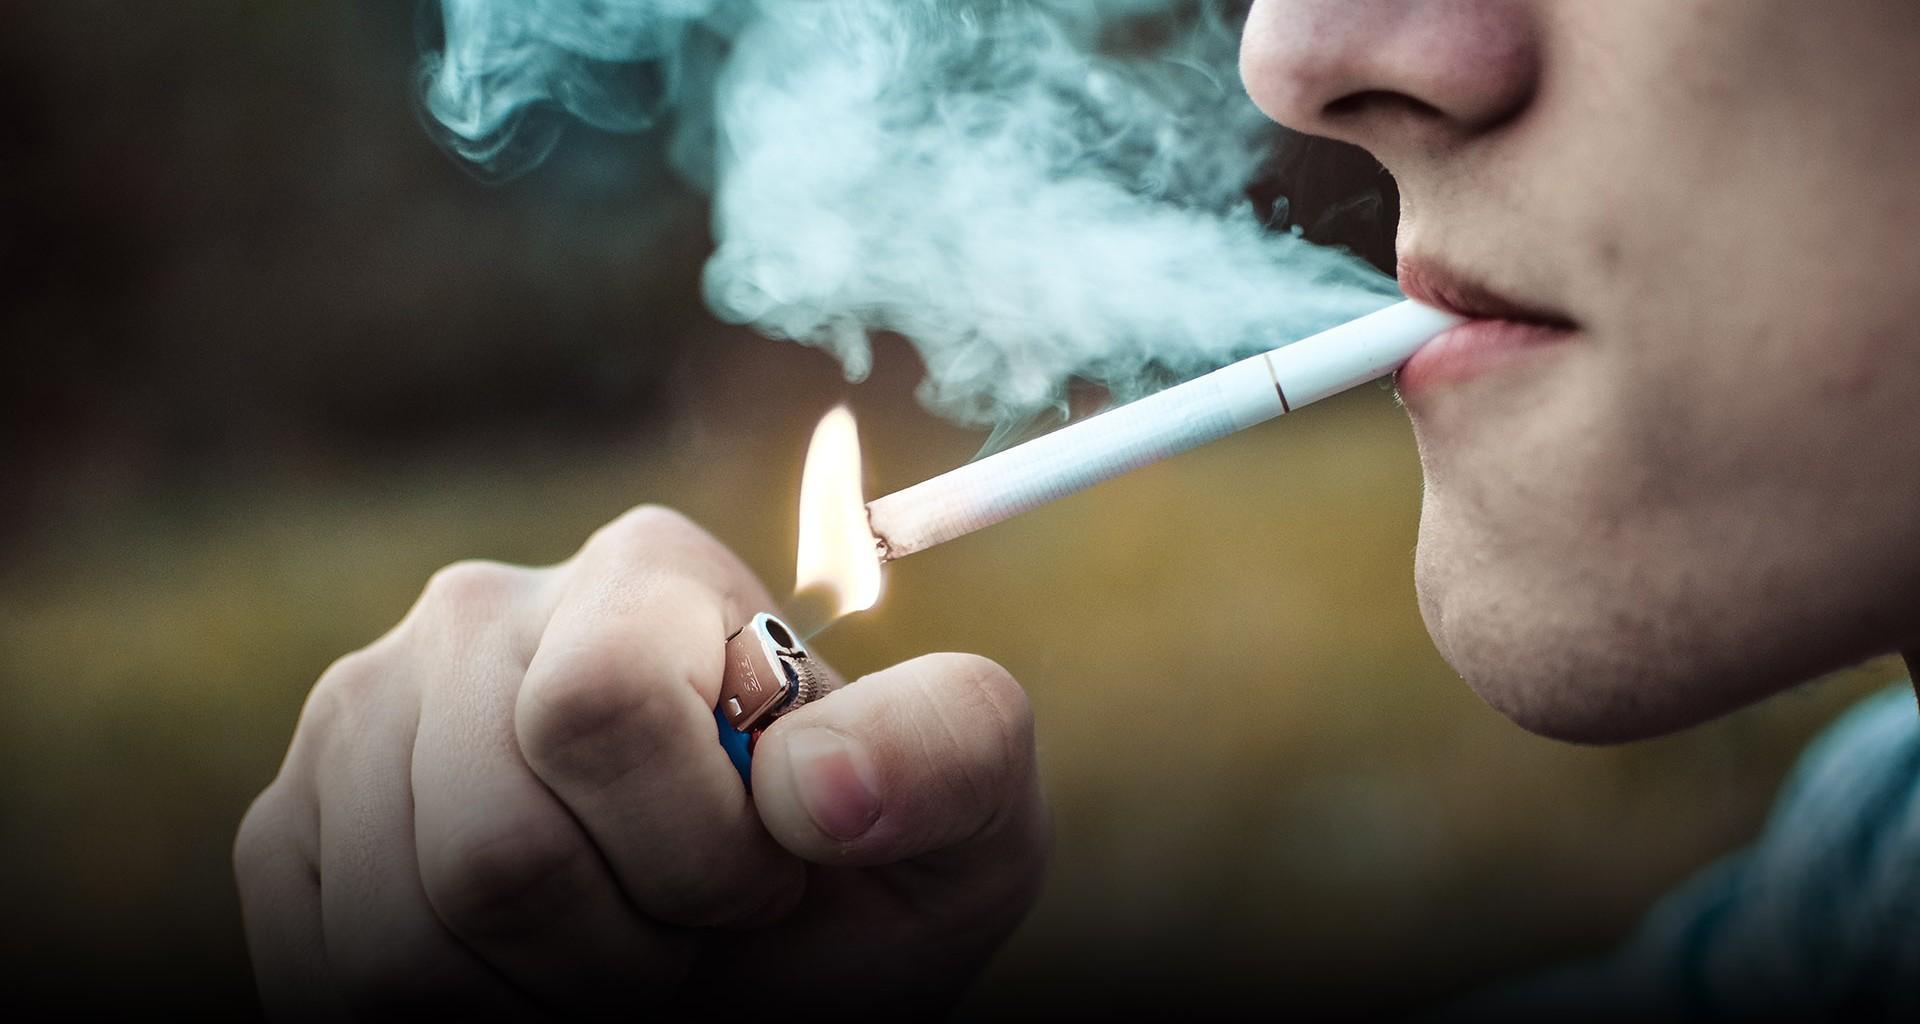 Hallan un vínculo entre el tabaquismo y un tipo de grave hemorragia cerebral